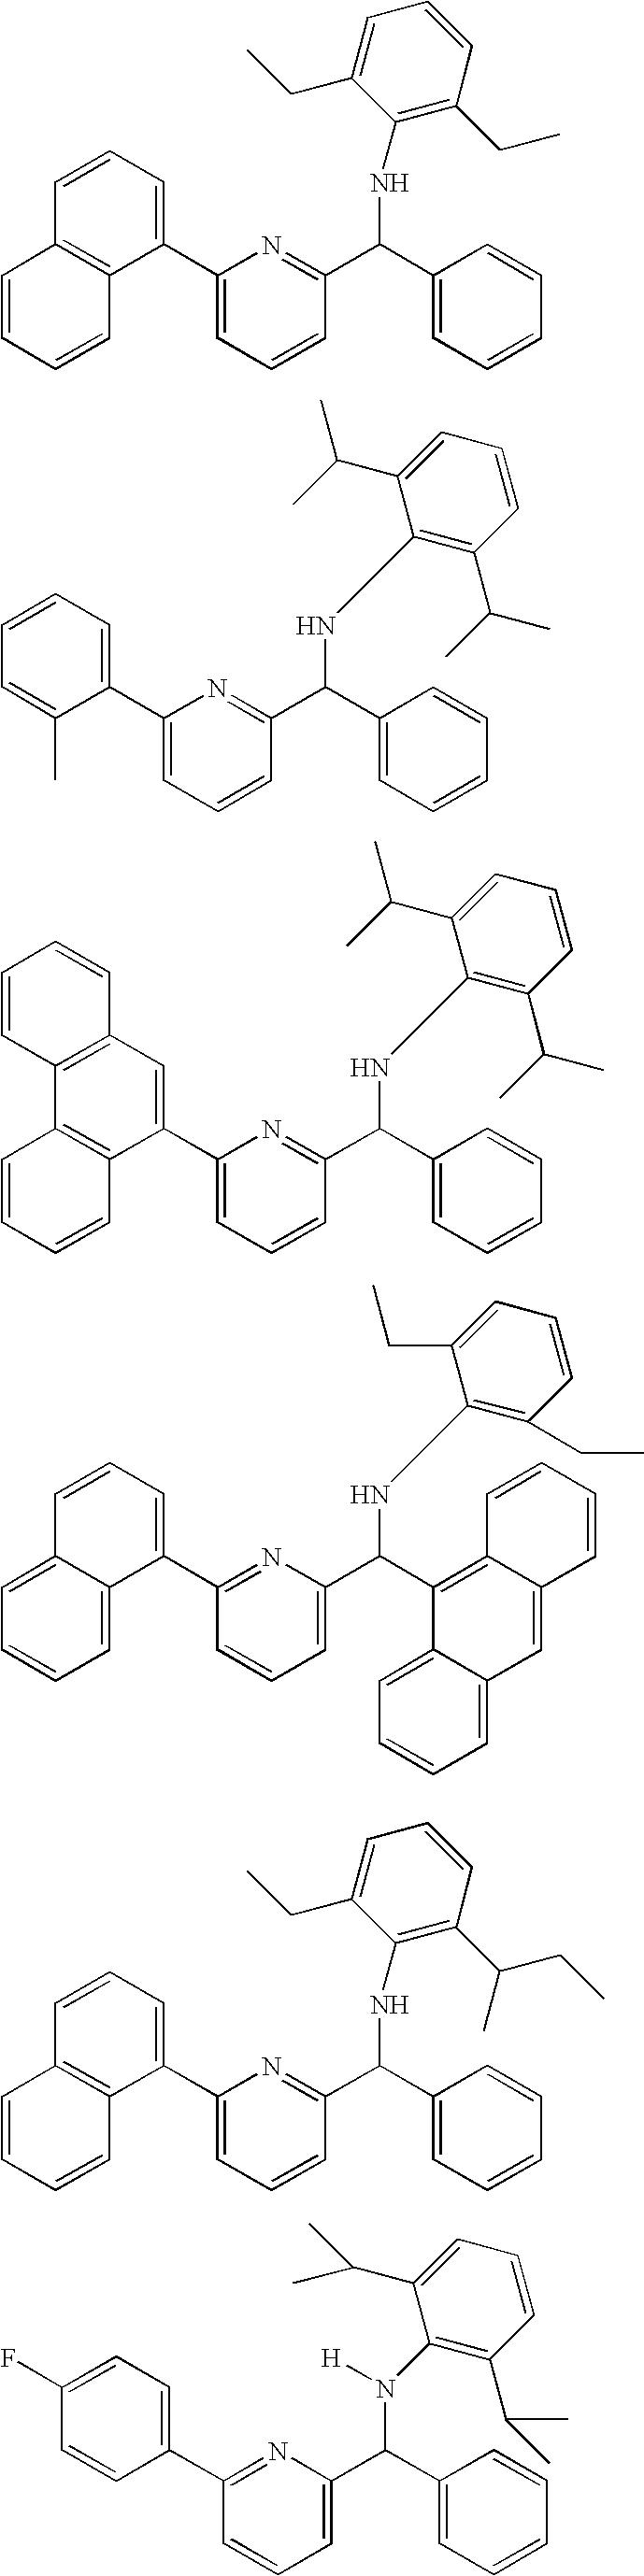 Figure US06900321-20050531-C00035